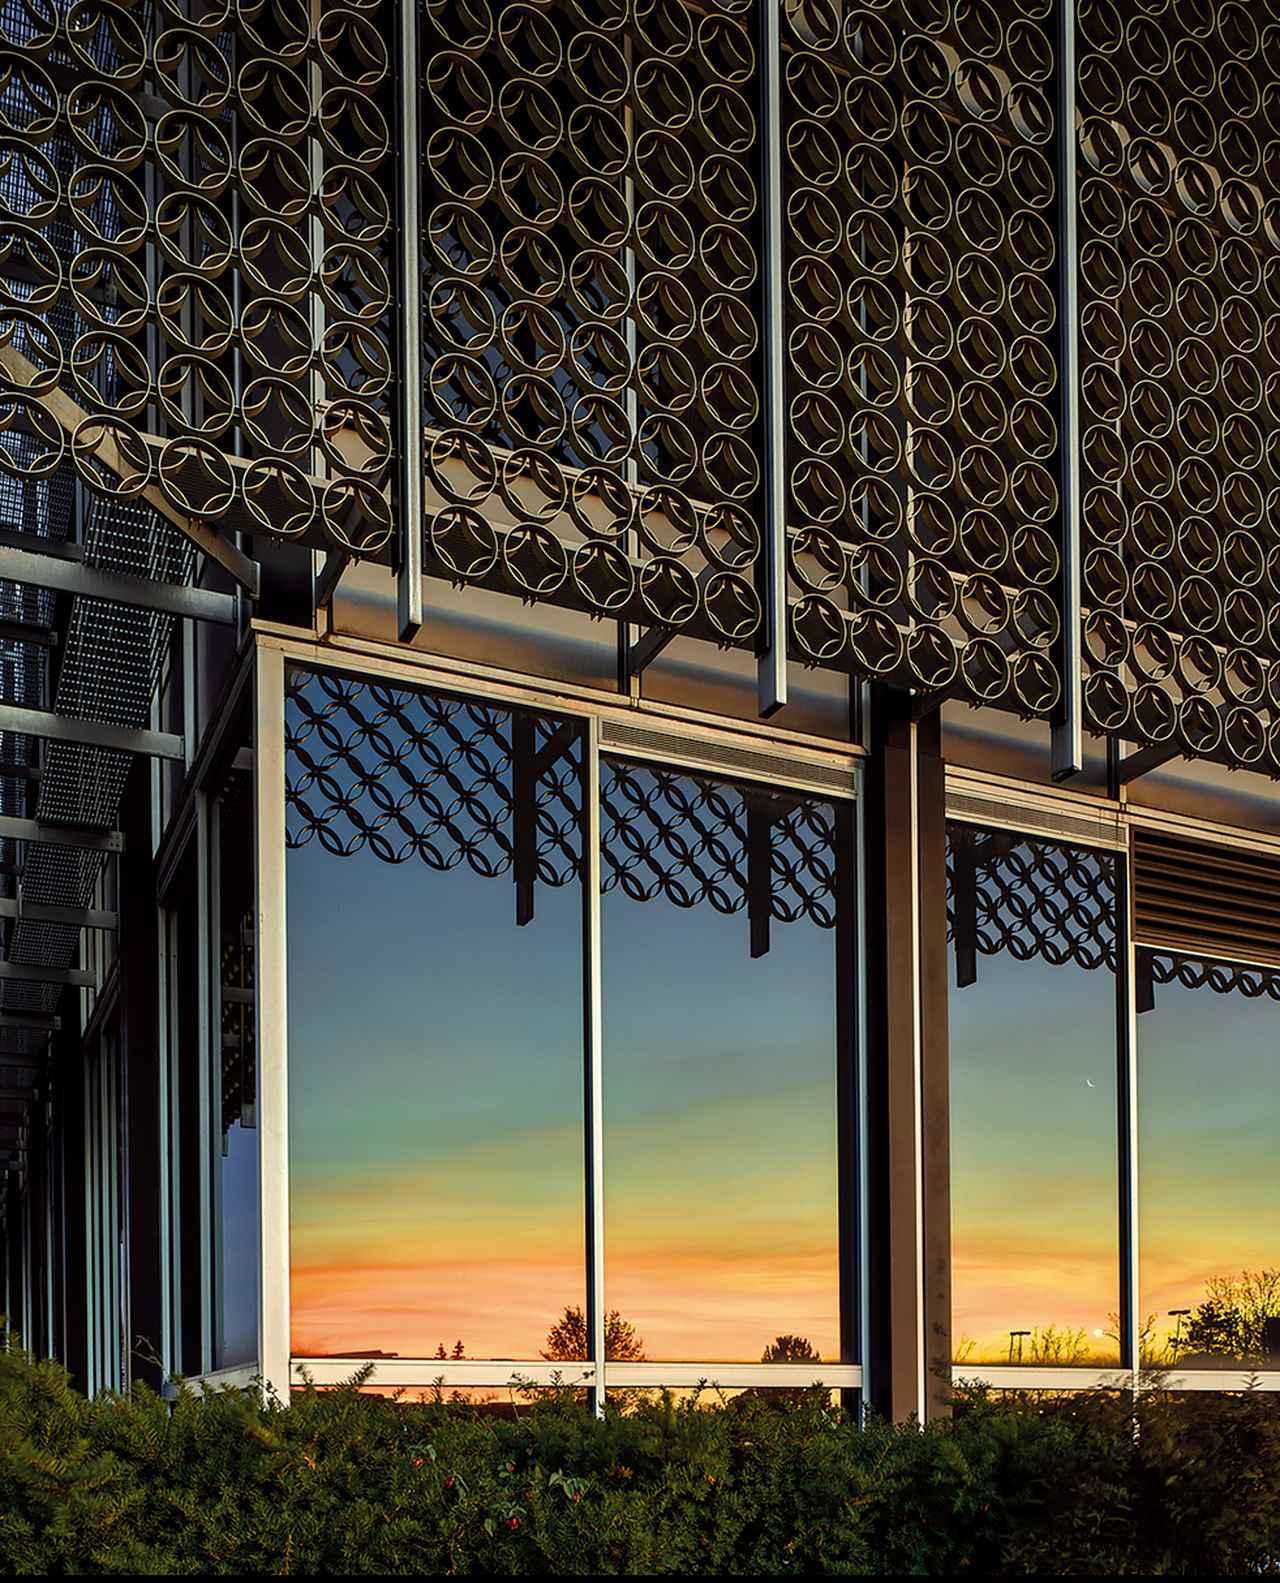 Images : 8番目の画像 - 「20世紀モダニズム建築の 喪われた聖地 ミシガンは再生するのか」のアルバム - T JAPAN:The New York Times Style Magazine 公式サイト